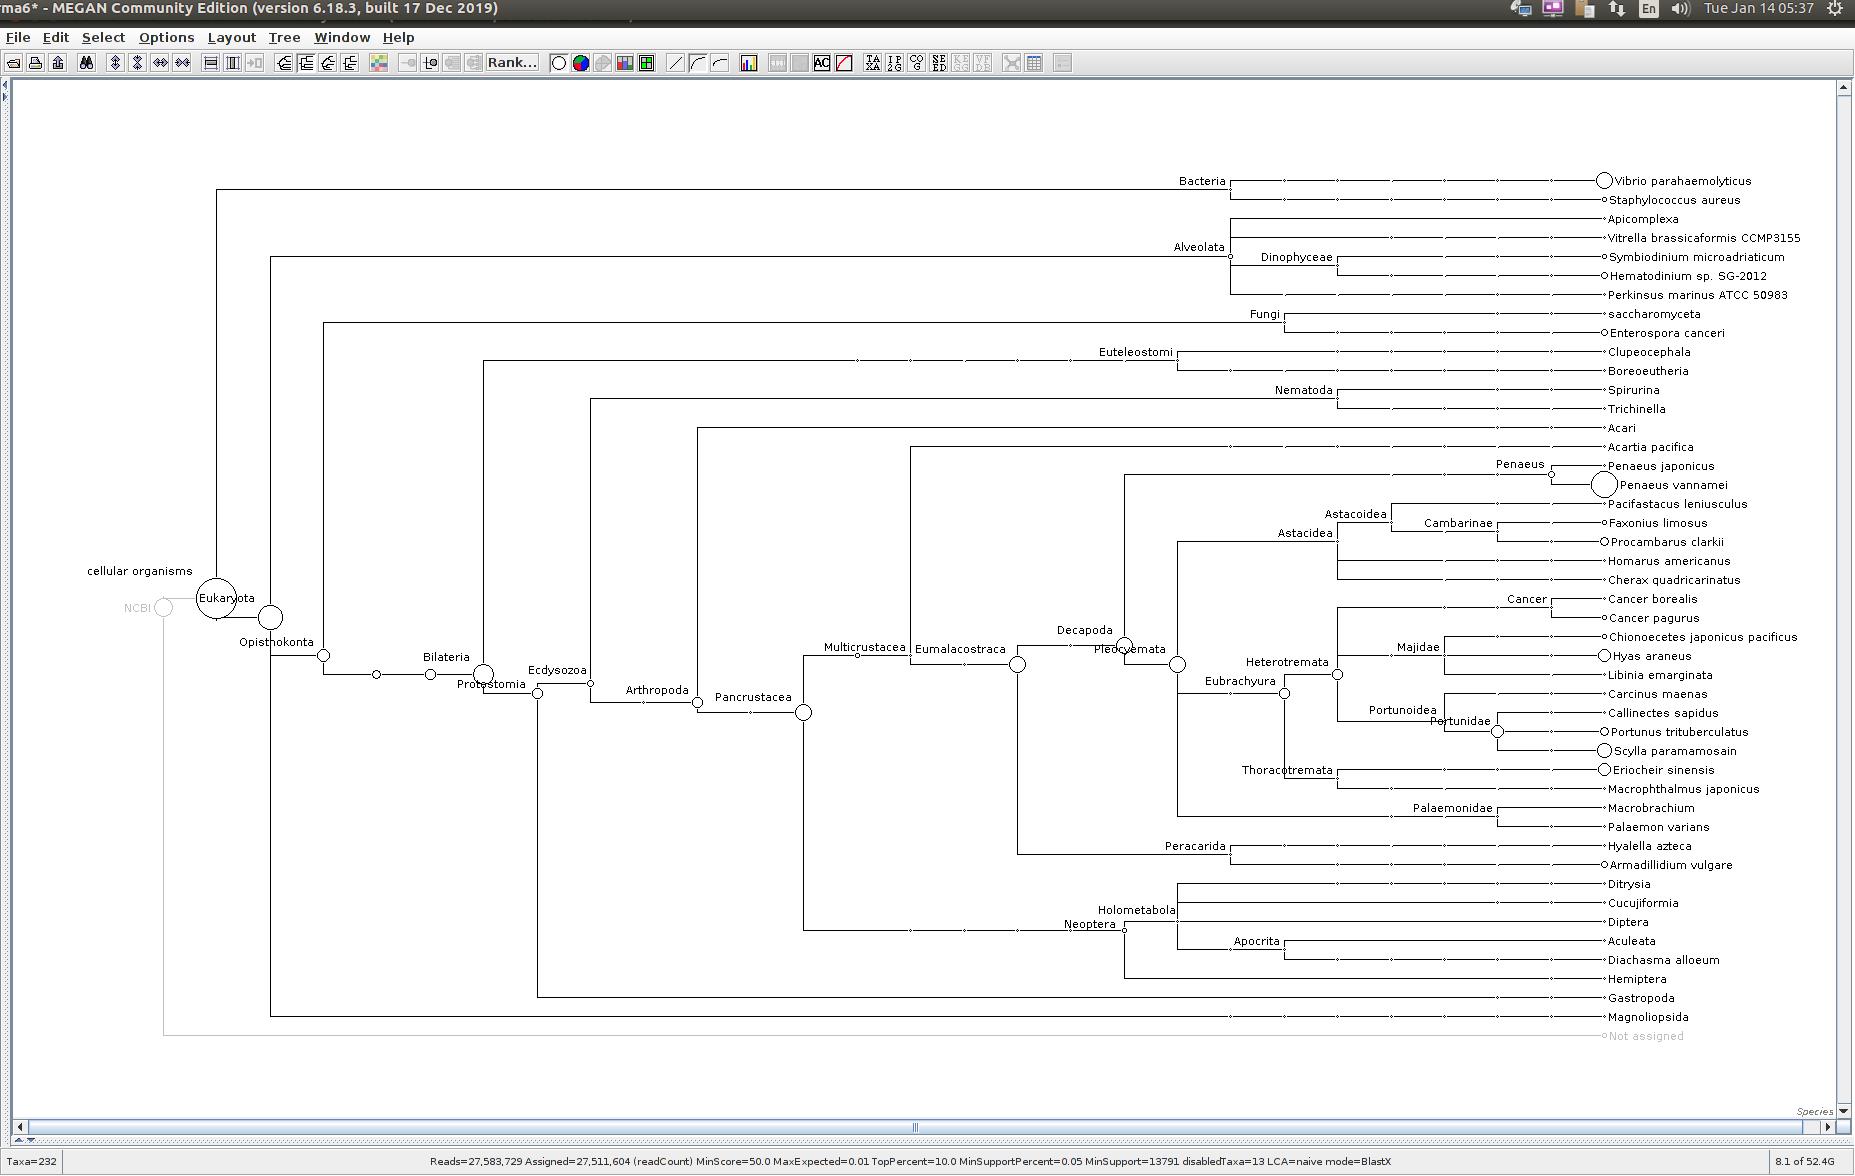 304428 MEGAN6 taxonomic tree